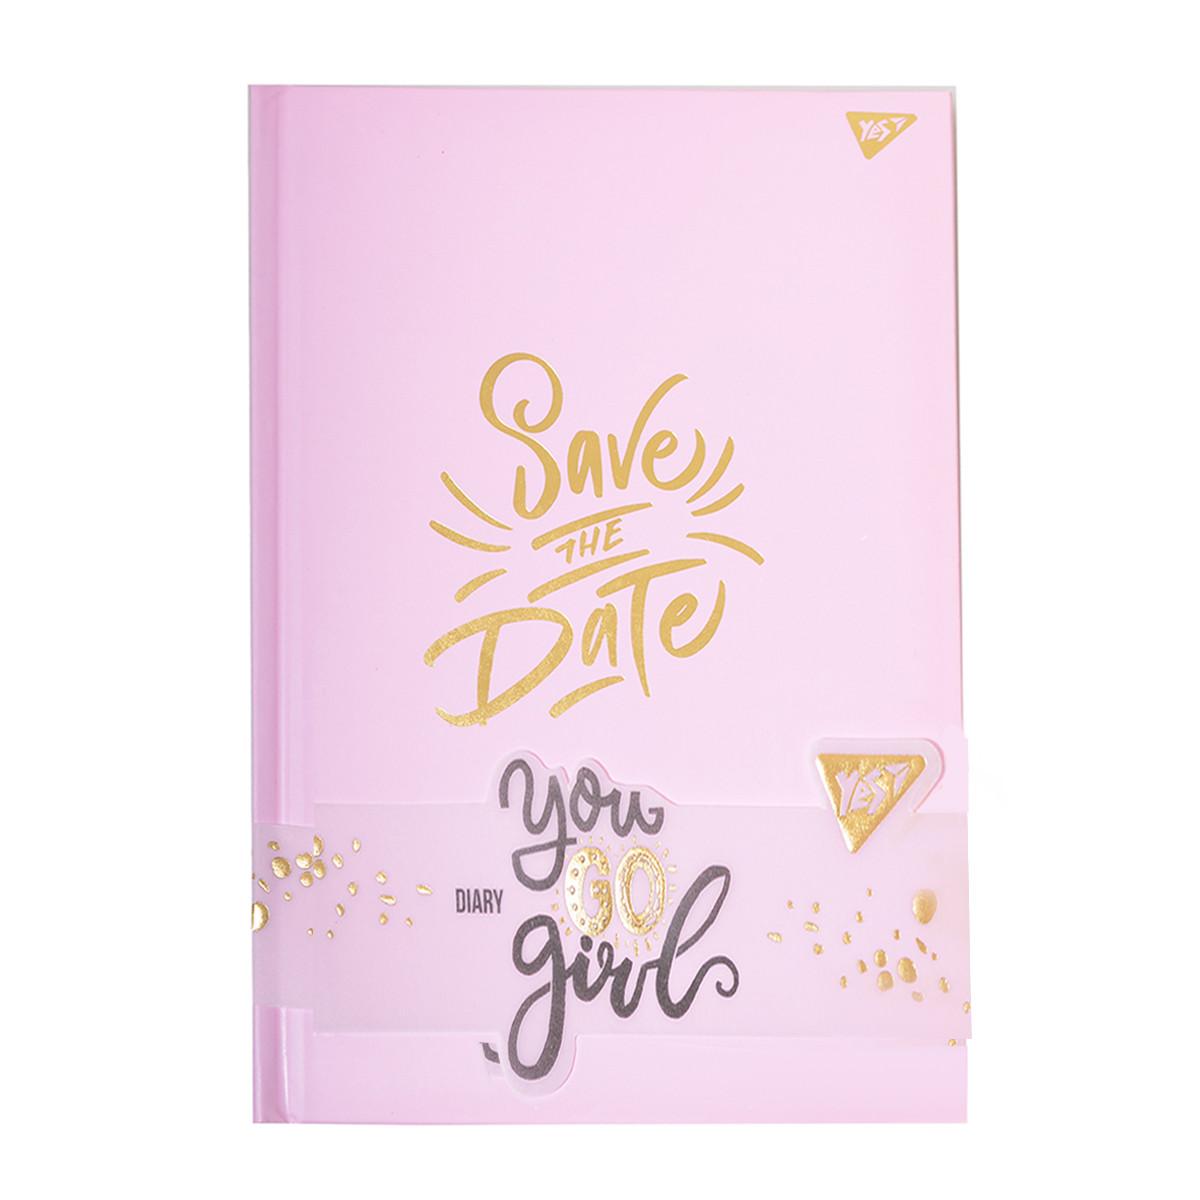 Блокнот для девочки Yes Save the date серии You GO girl, 140 х 210 мм, 152 л.    код: 151577